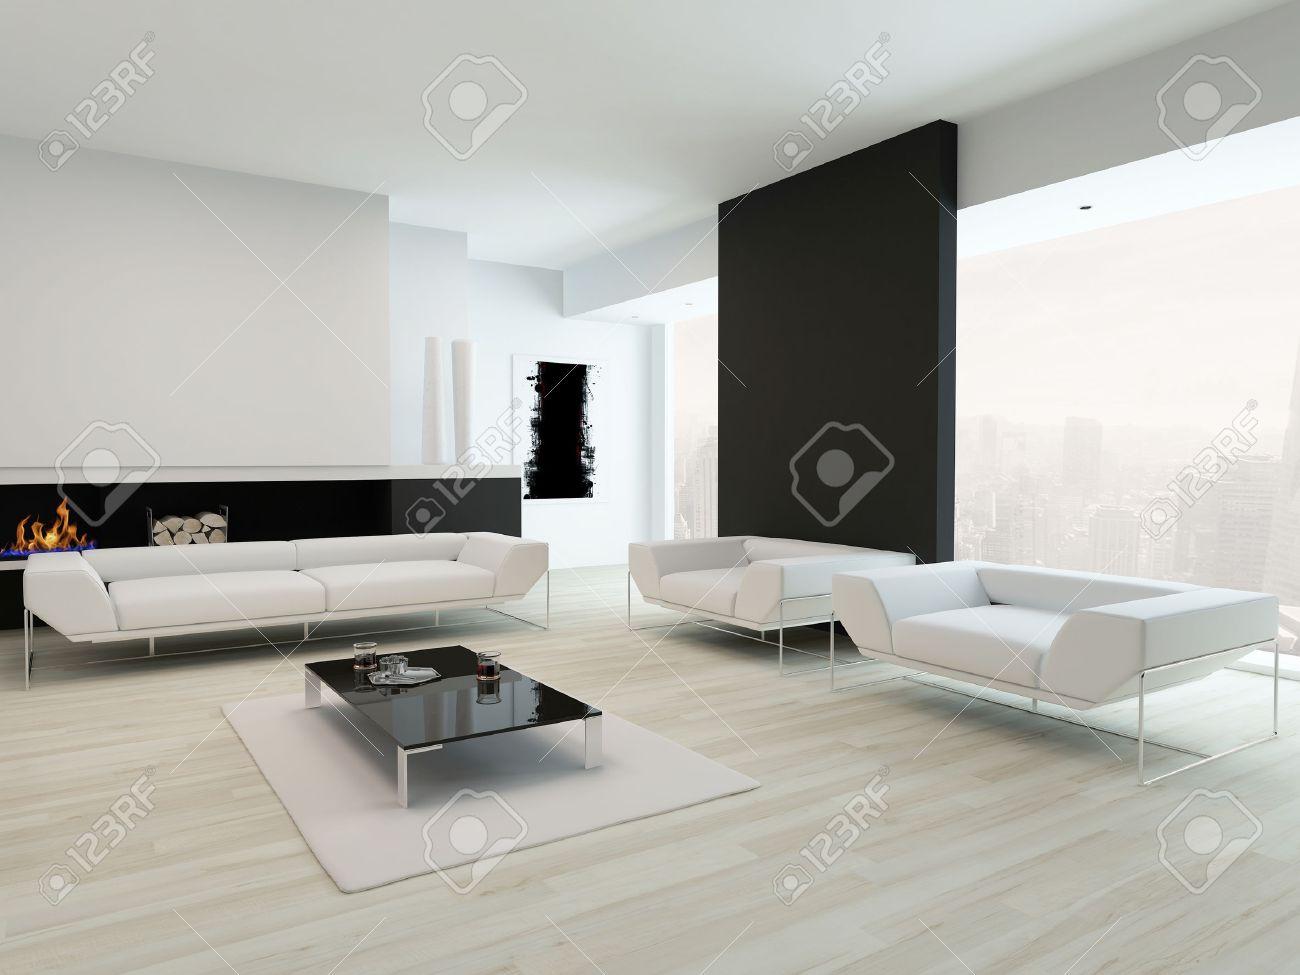 Moderne Zeitgenössische Schwarz-Weiß-Wohnzimmer Innenraum ...